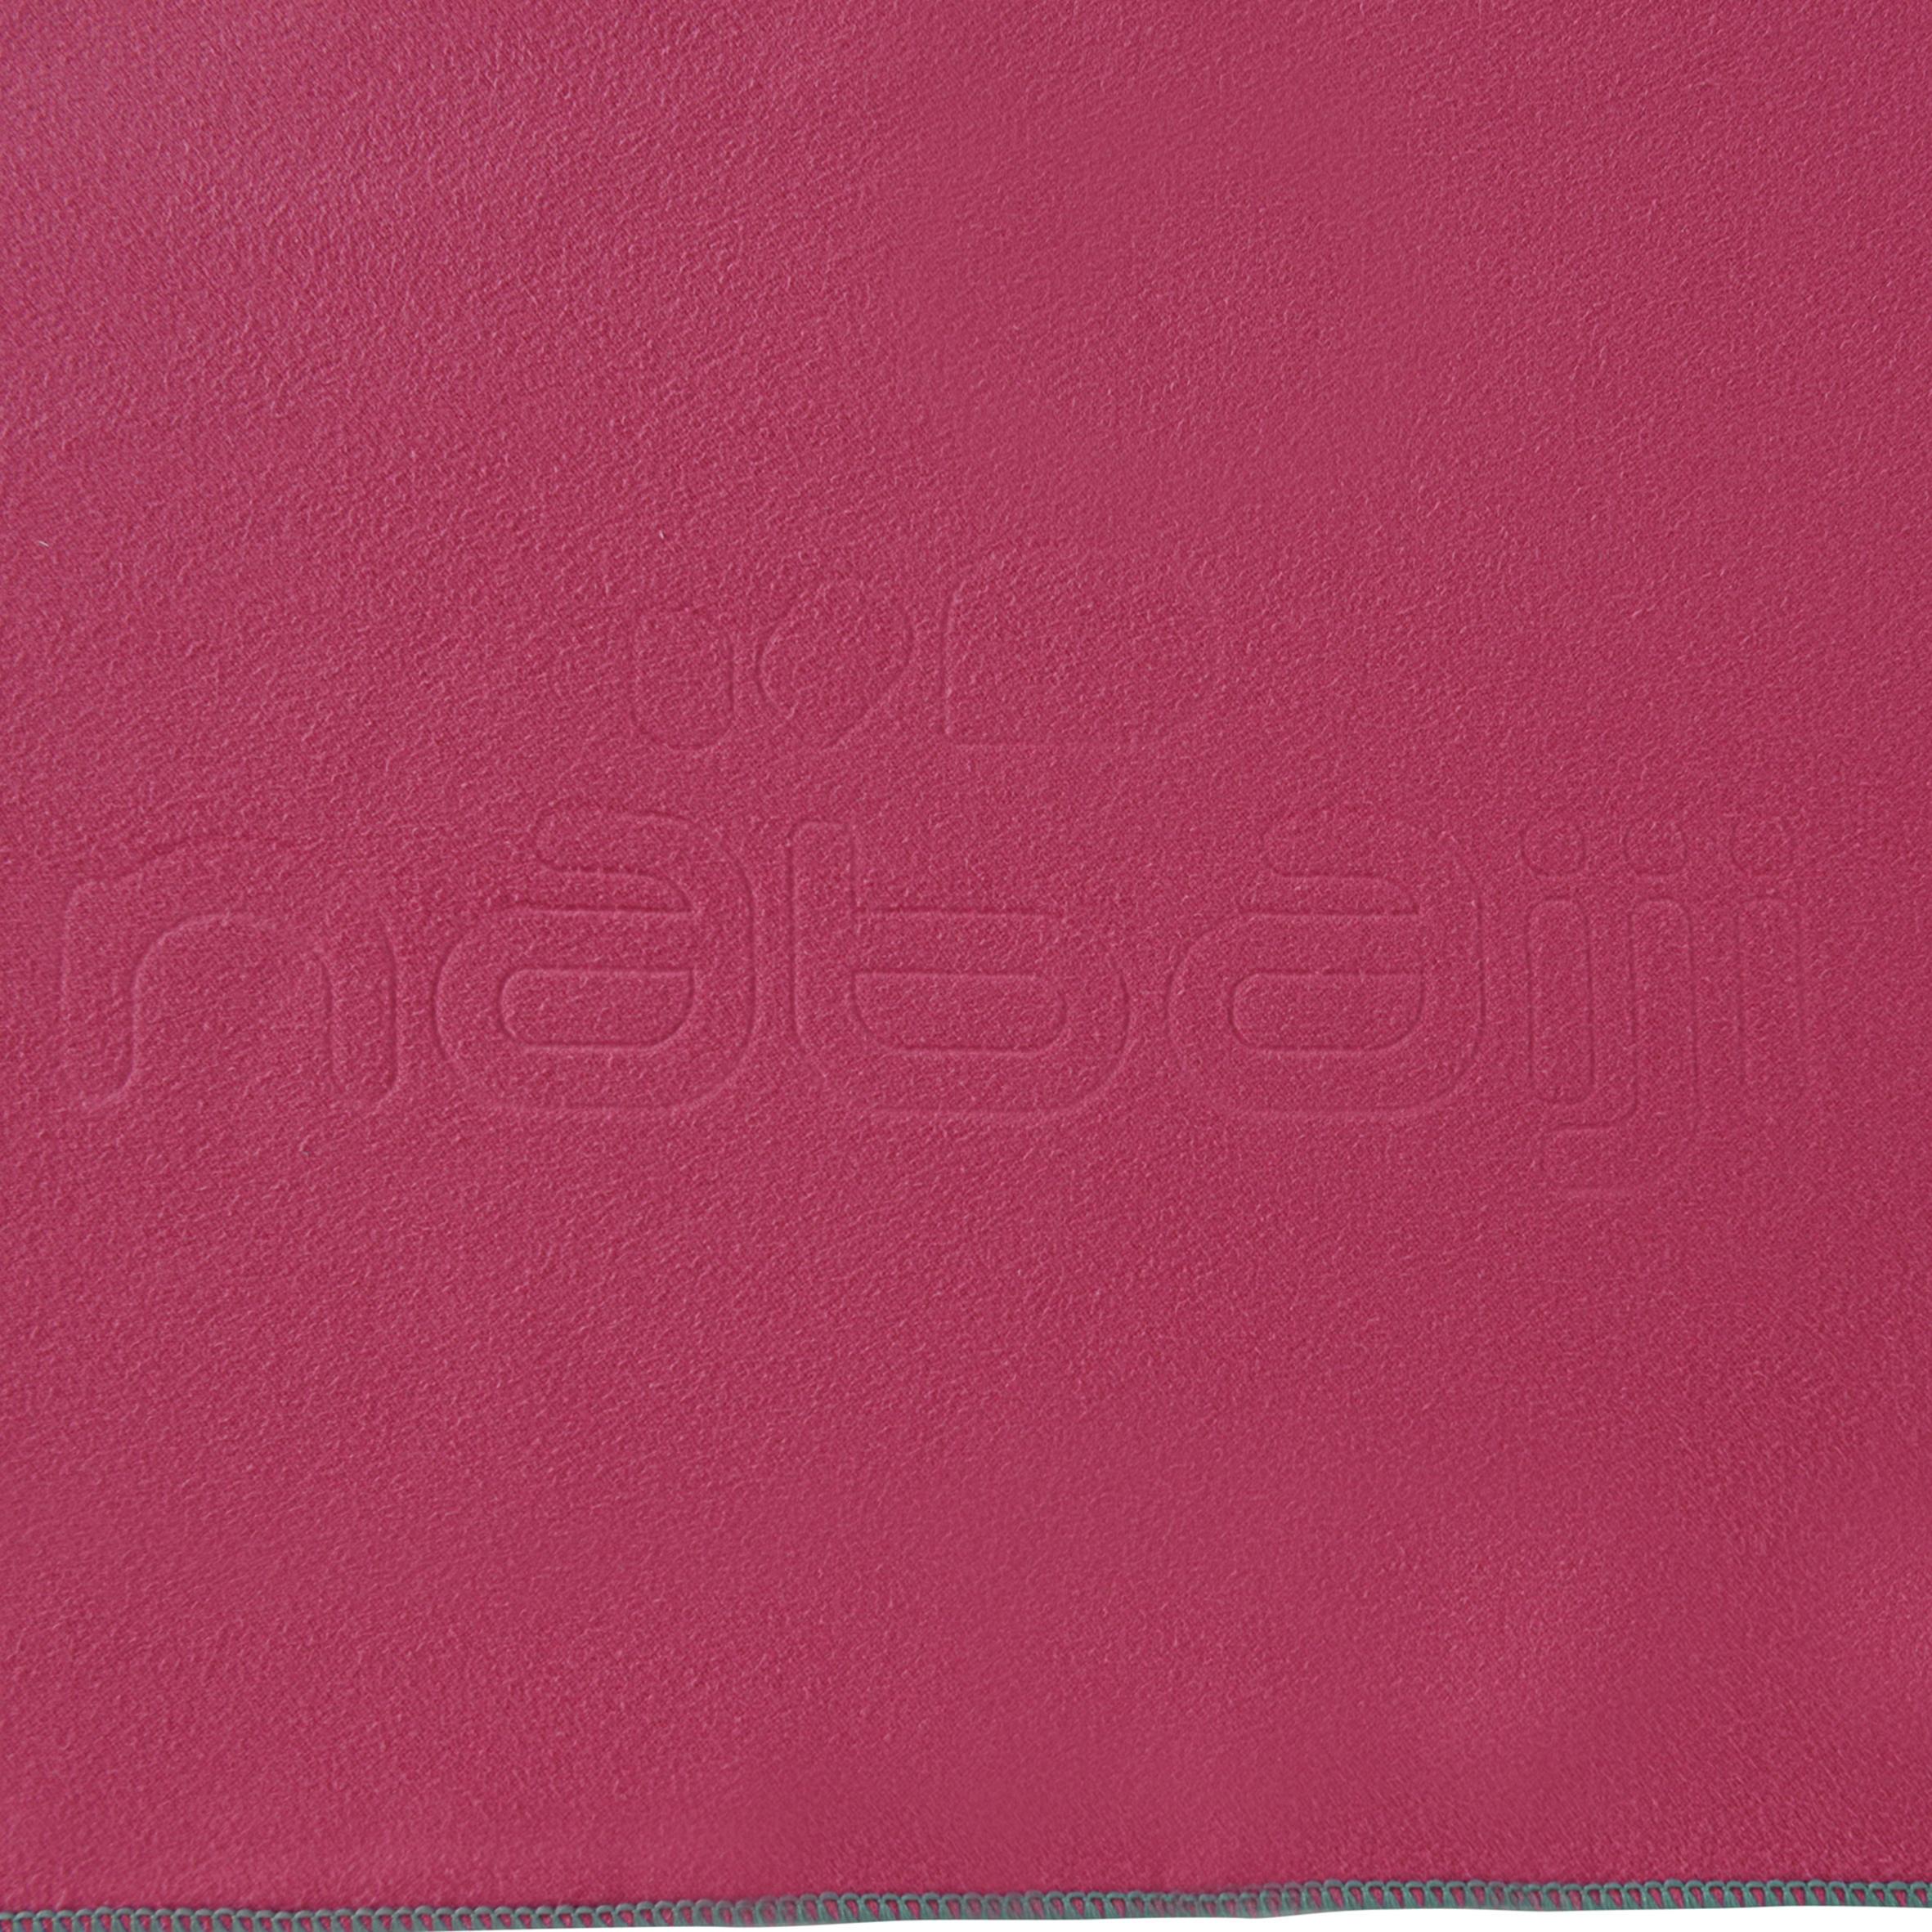 Microfibre Towel Size L 80 x 130 cm - Pink